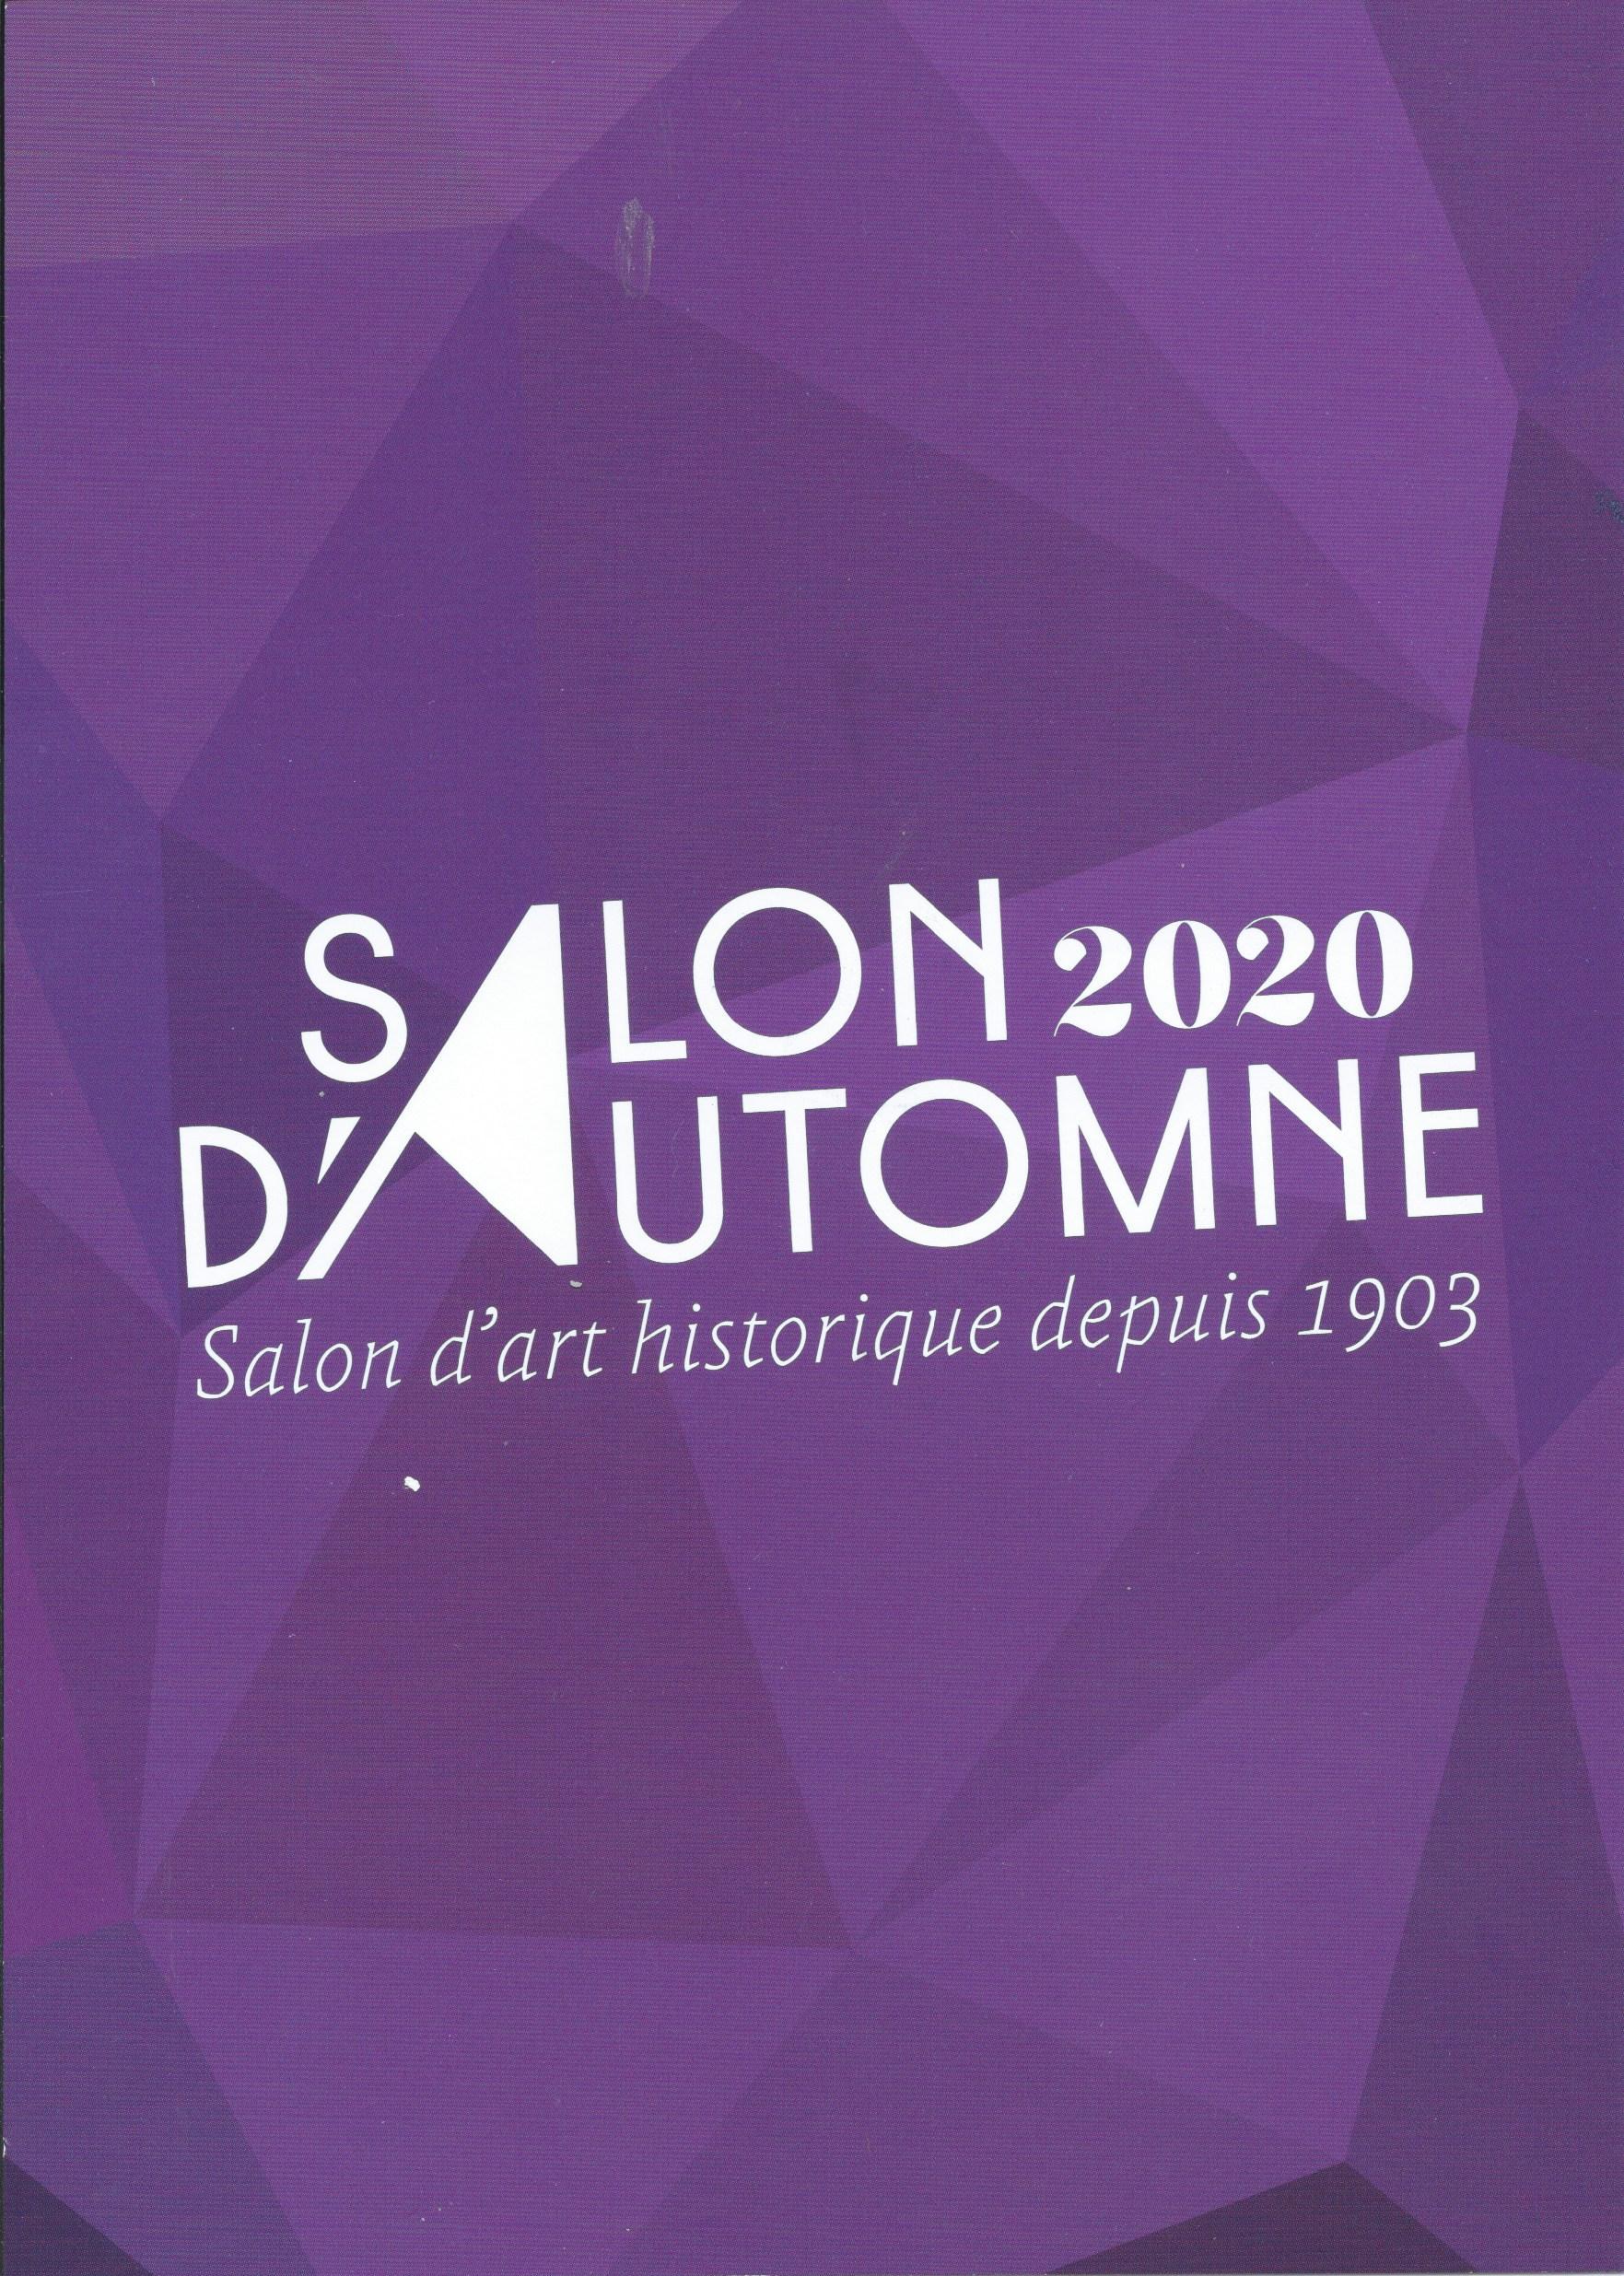 Affiche du Salon d'automne 2020